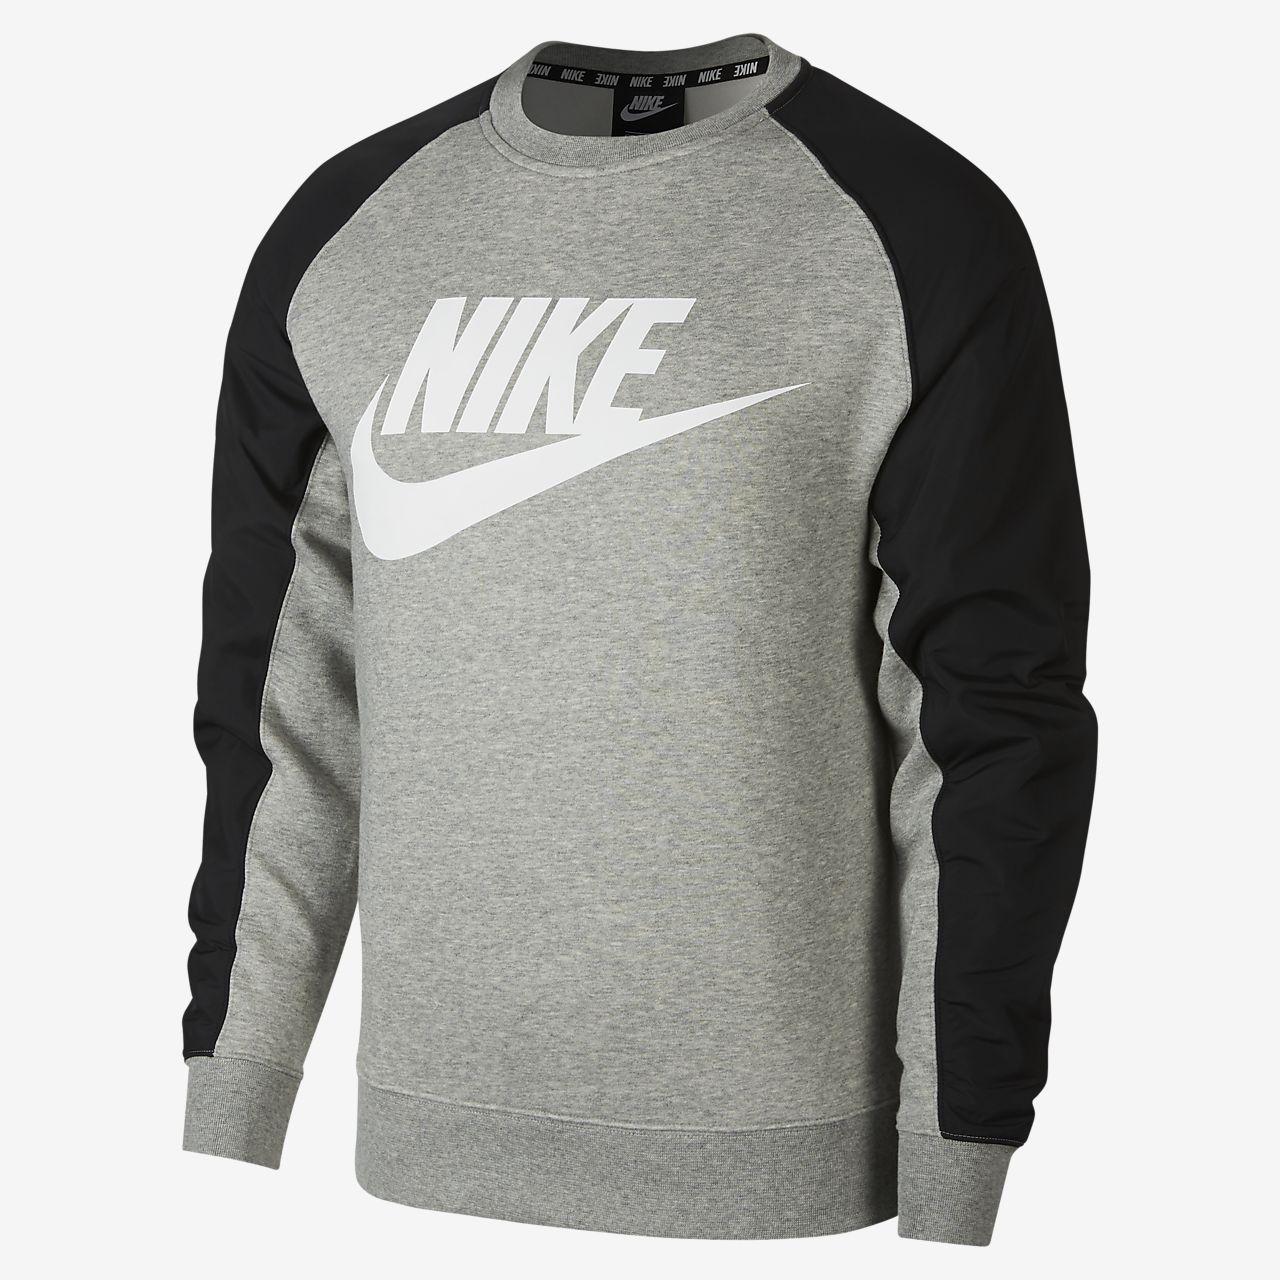 Nike Sportswear 男子印花圆领上衣